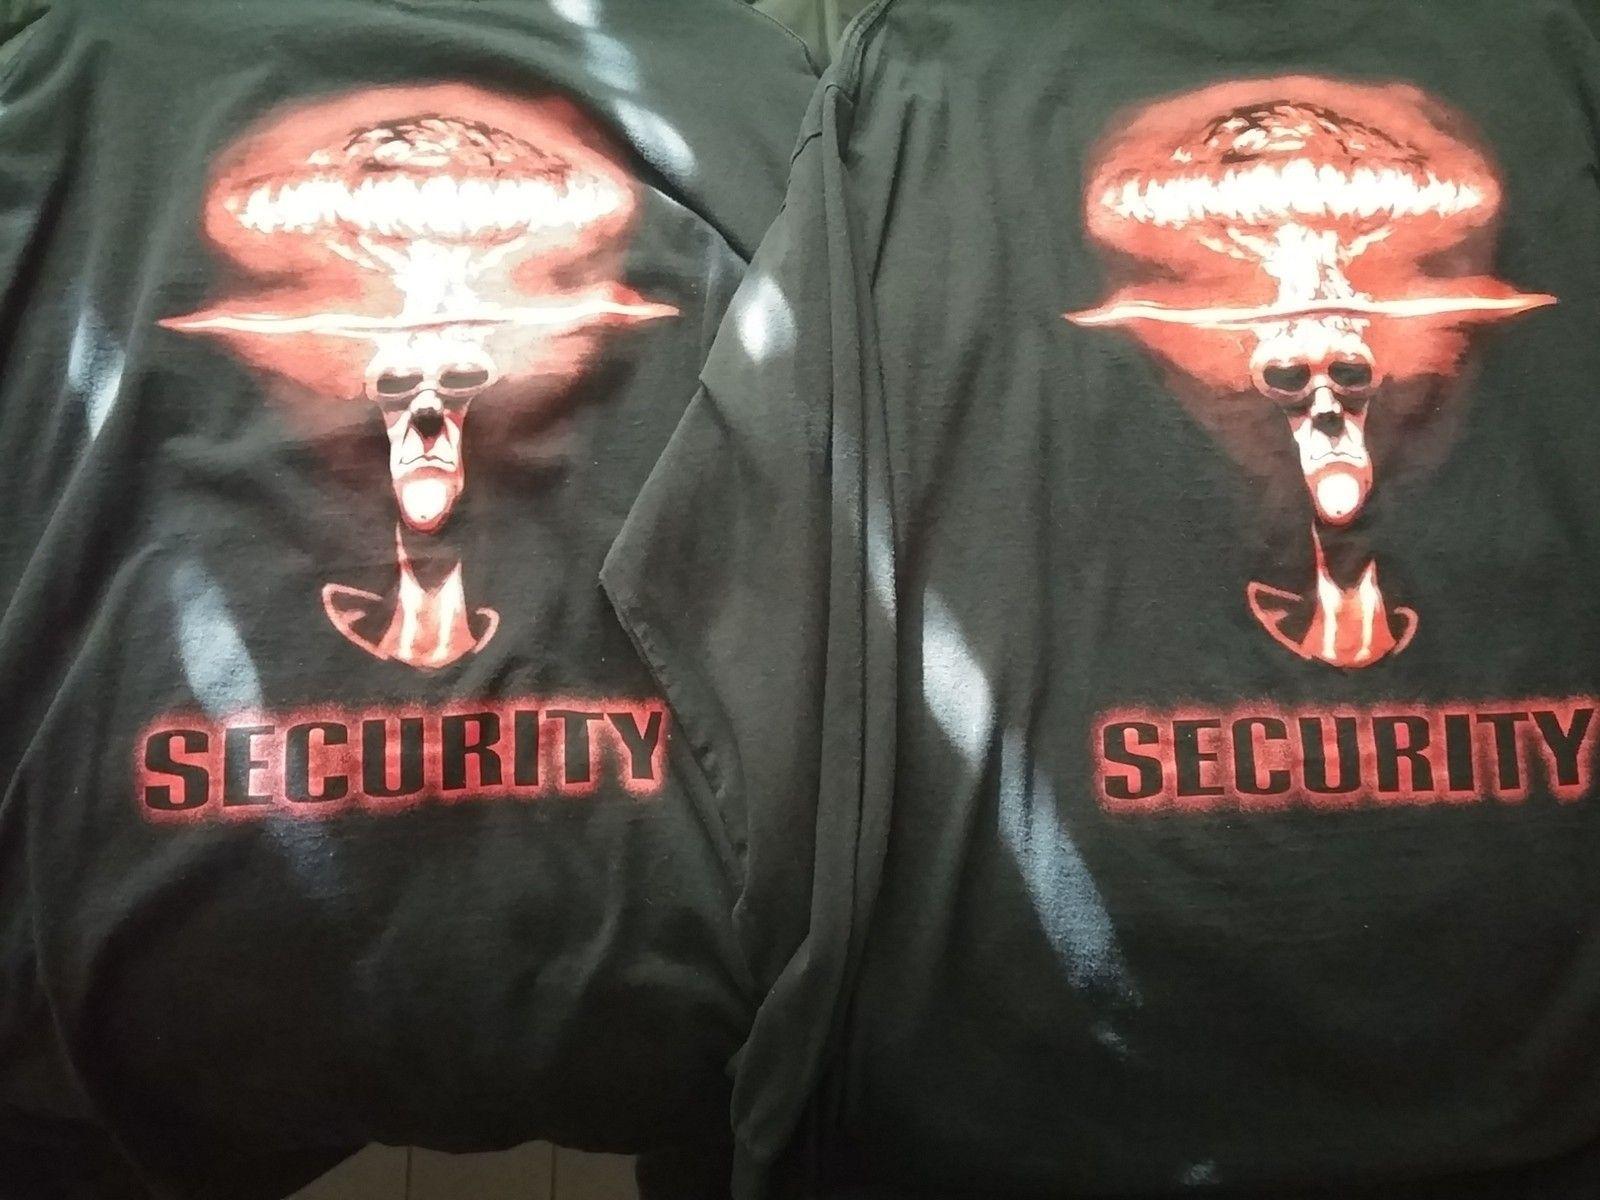 Oakley Security Sweatshirts - 20150116_104554.jpg